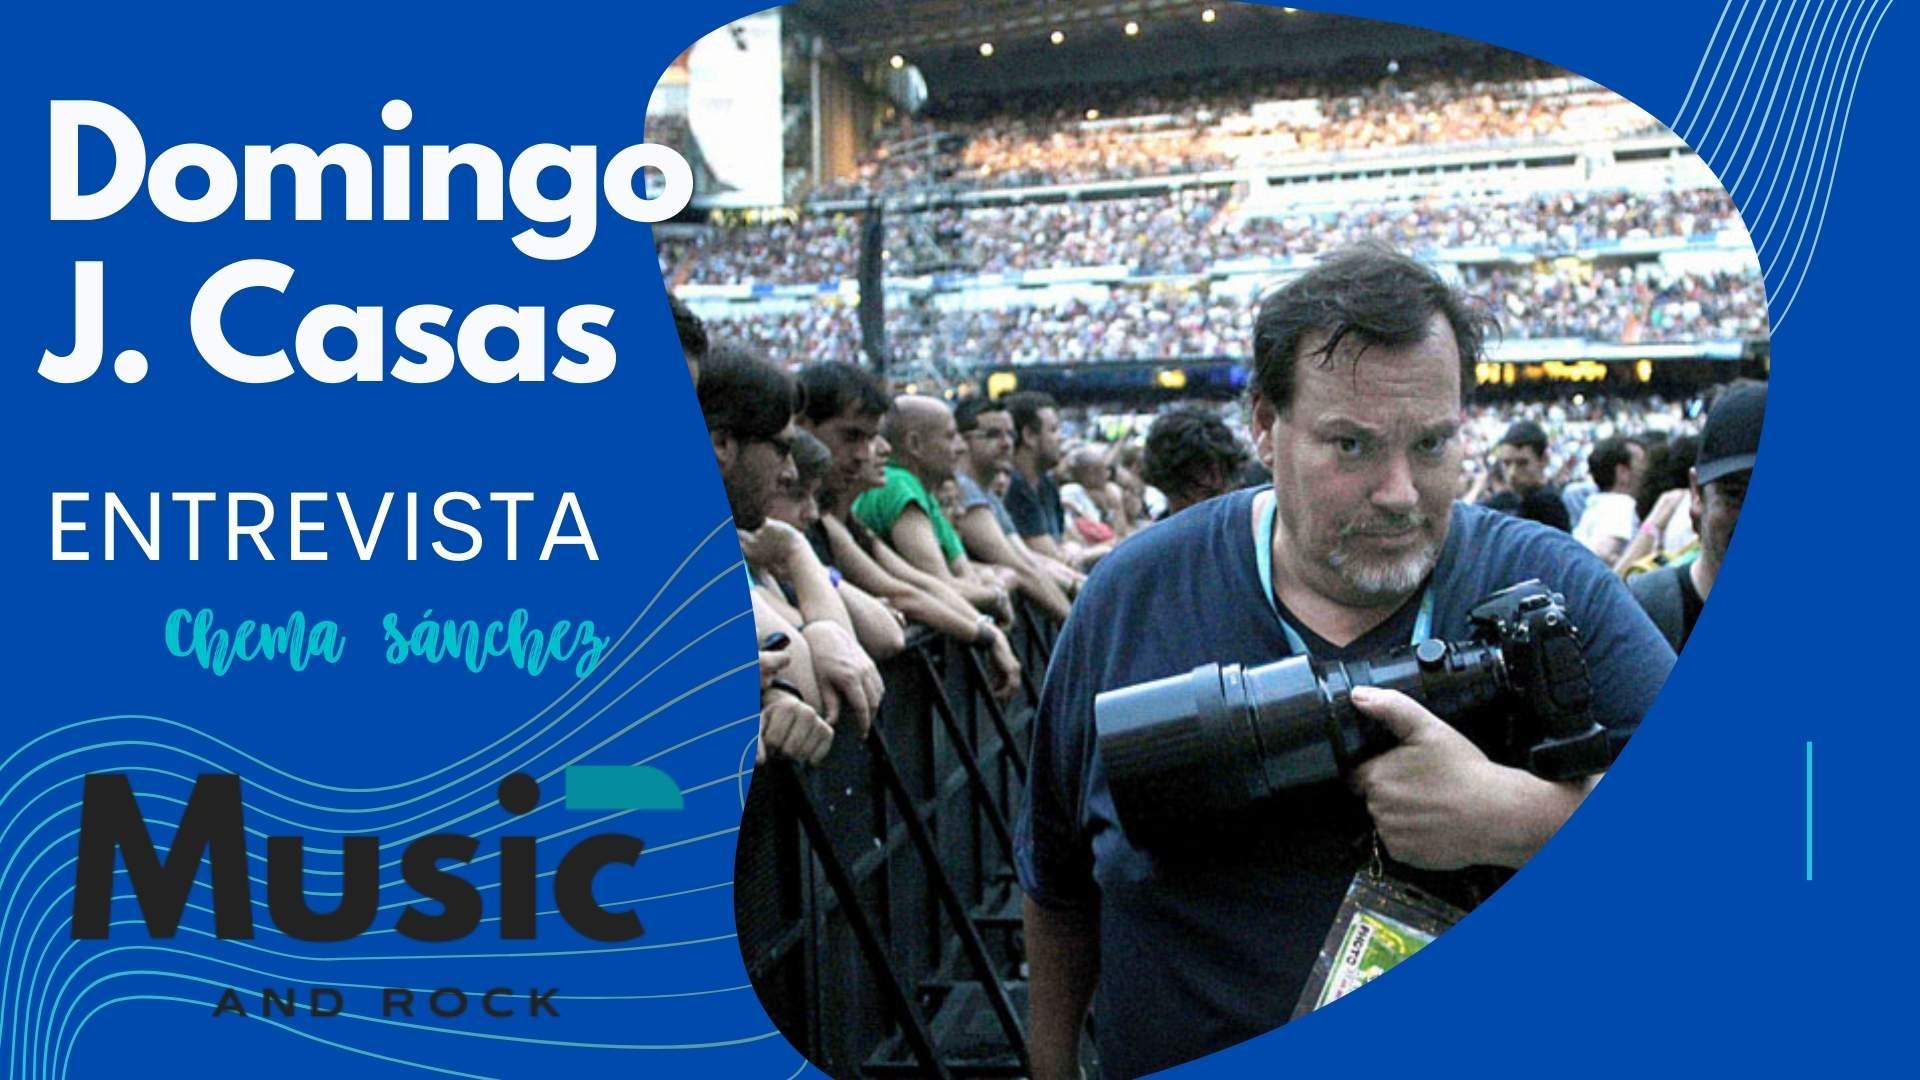 """En este momento estás viendo Entrevista a Domingo J. Casas: """"Los conciertos son la gasolina de los que amamos la música, pero se han convertido en máquinas de hacer dinero""""<span class=""""wtr-time-wrap after-title""""><span class=""""wtr-time-number"""">47</span> minutos de lectura</span>"""